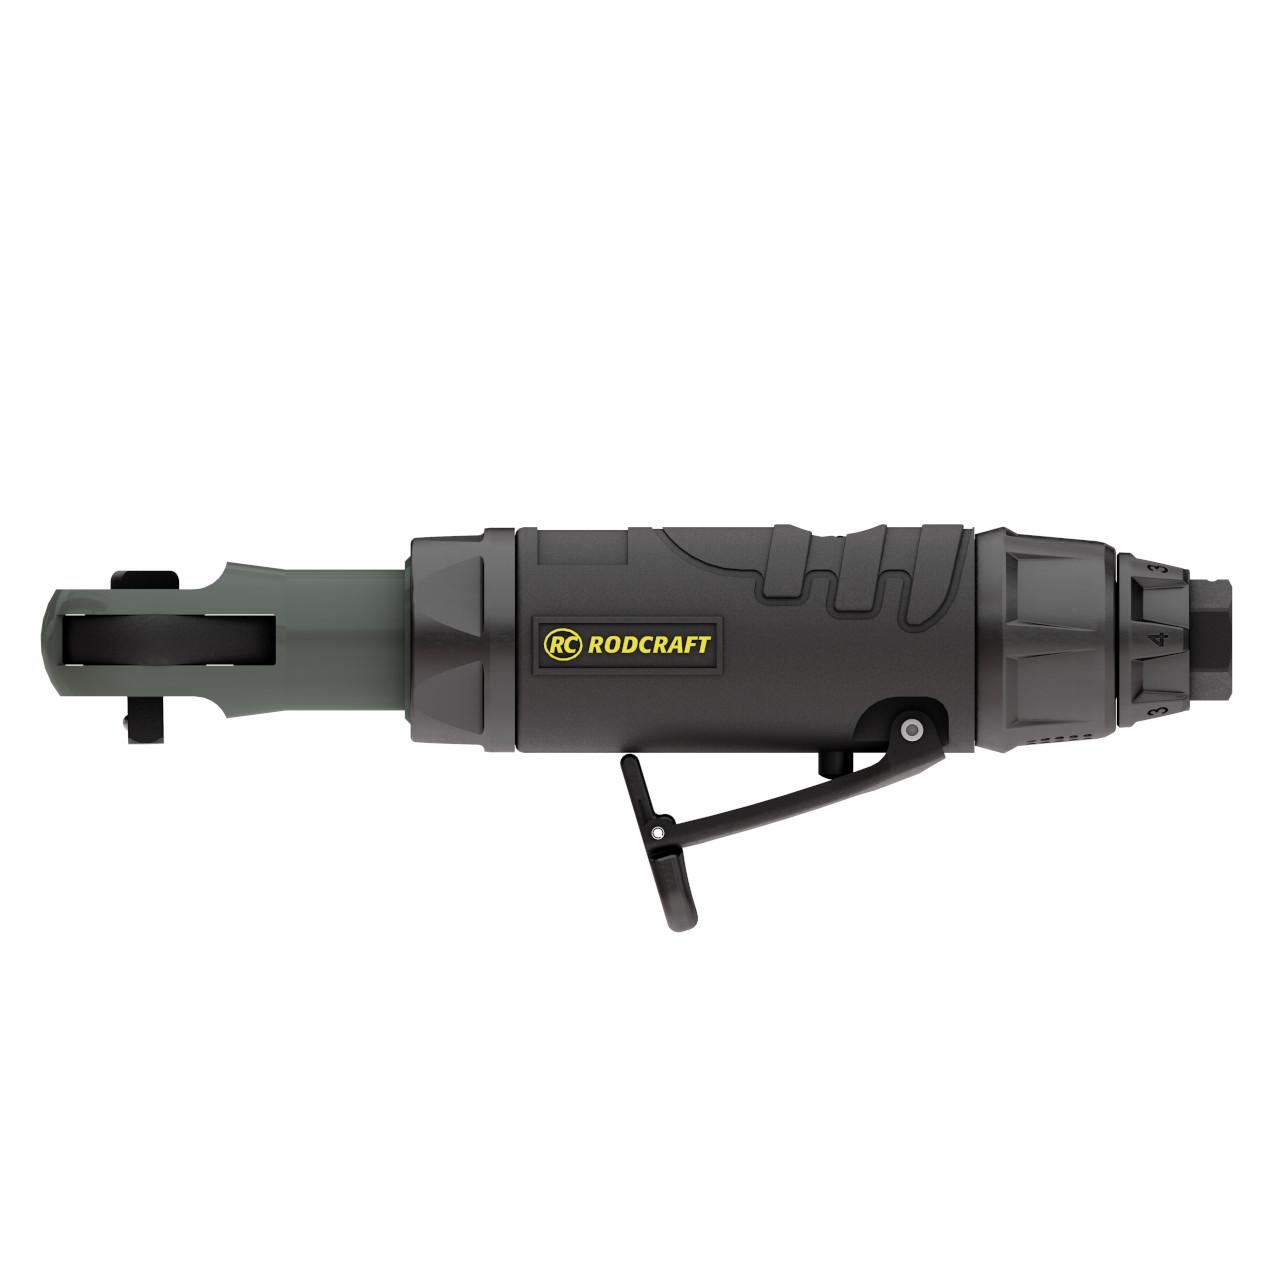 Für alle Fälle das passende Werkzeug: Vier neue Druckluftratschen von Rodcraft